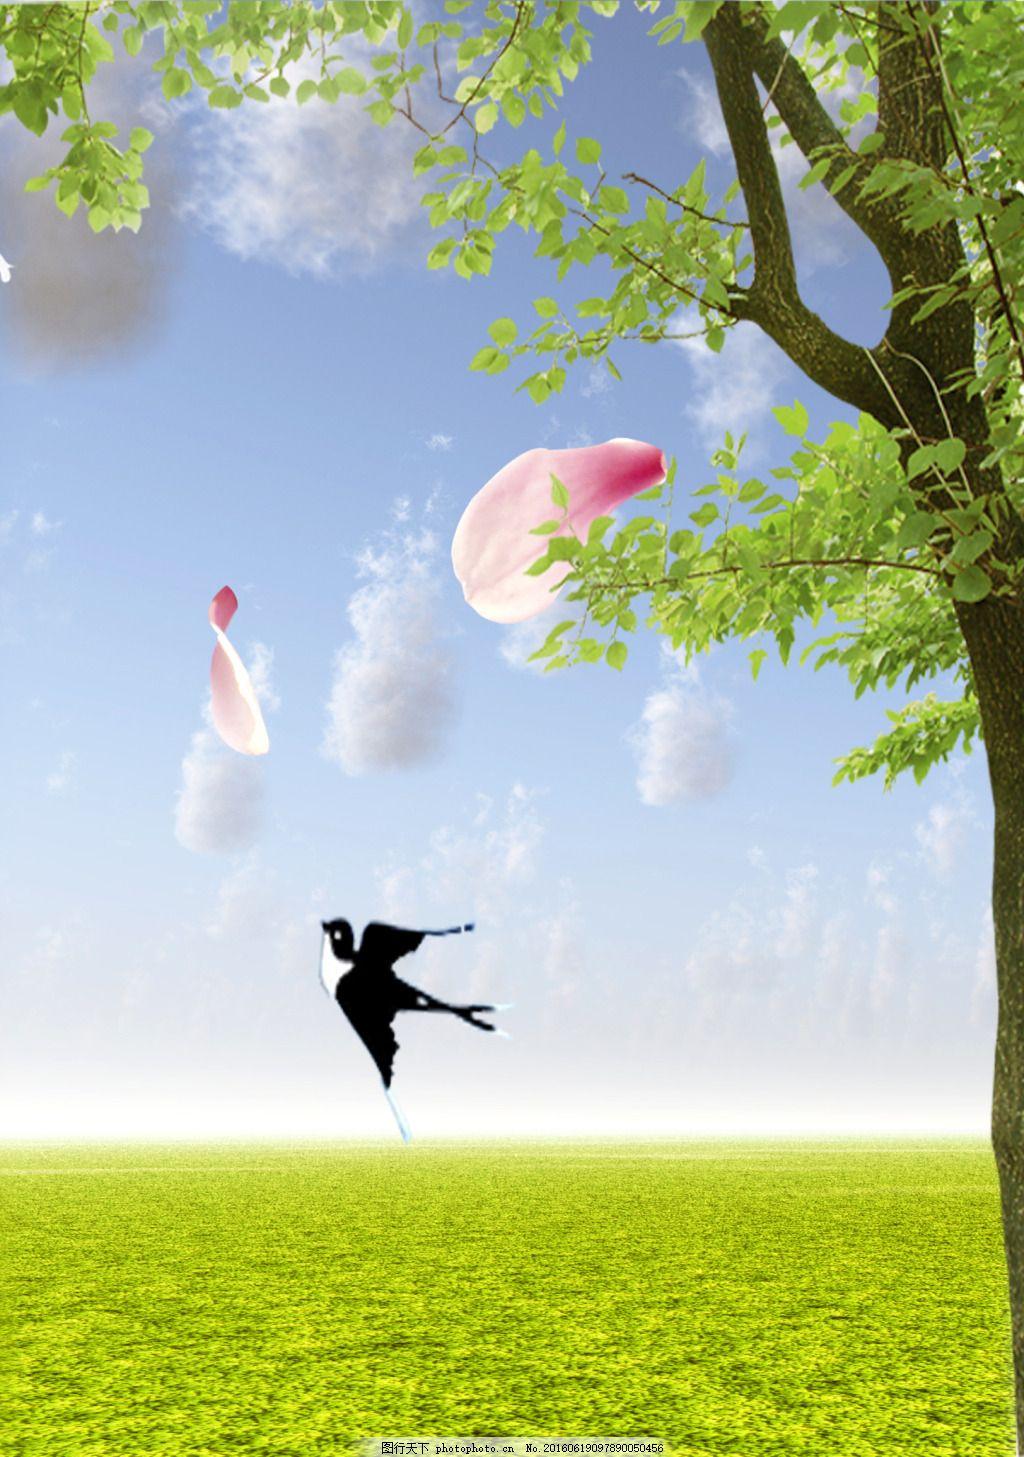 风景装饰画 春天 草地 绿色风景 大树 燕子 花瓣 白云 装饰背景 矢量